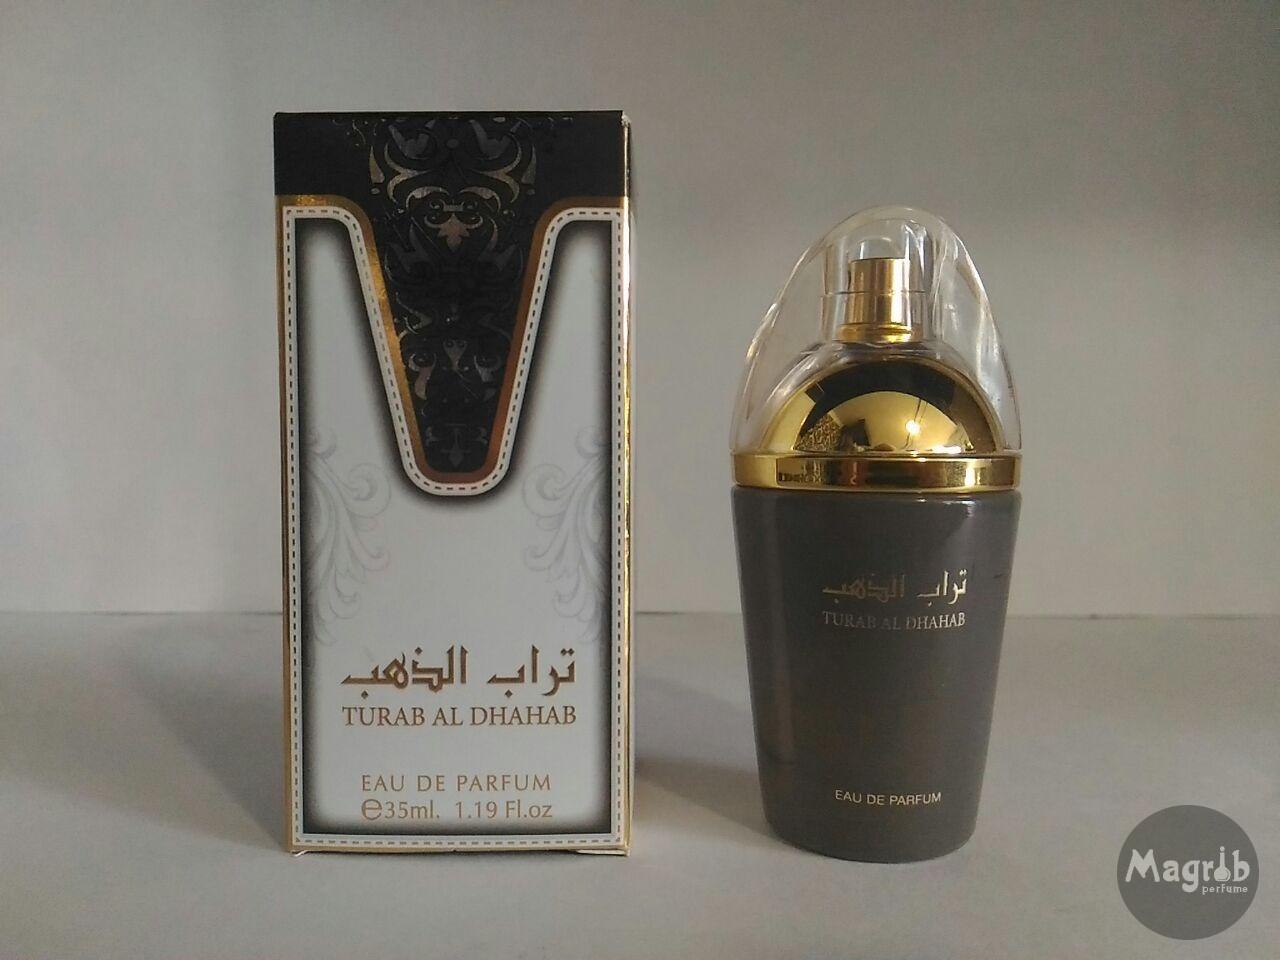 Ard Al Zaafaran Turab Al Dhahab 35ml - женская парфюмерная вода